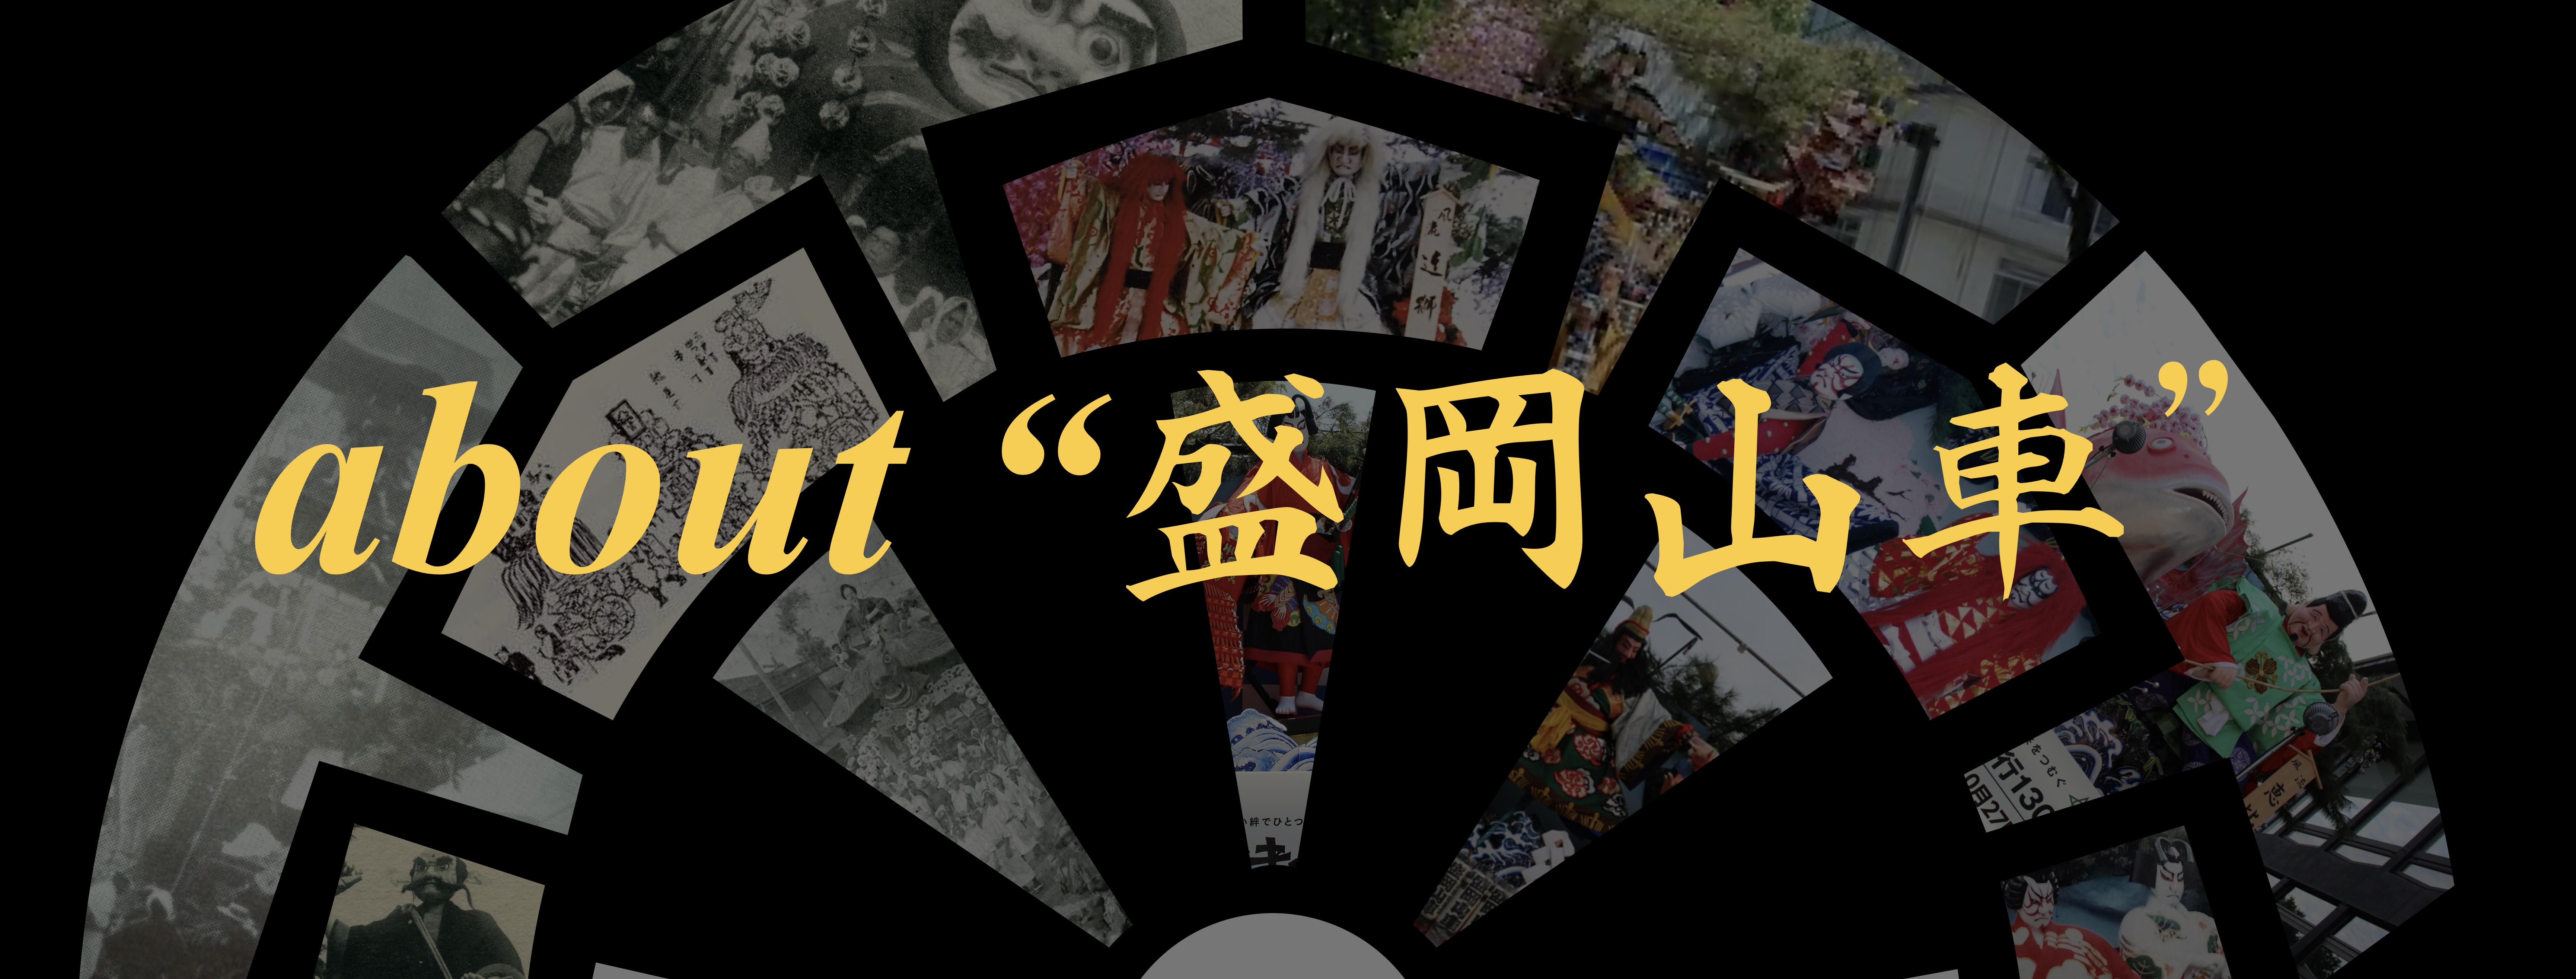 titlemoriokadashitoha.JPG